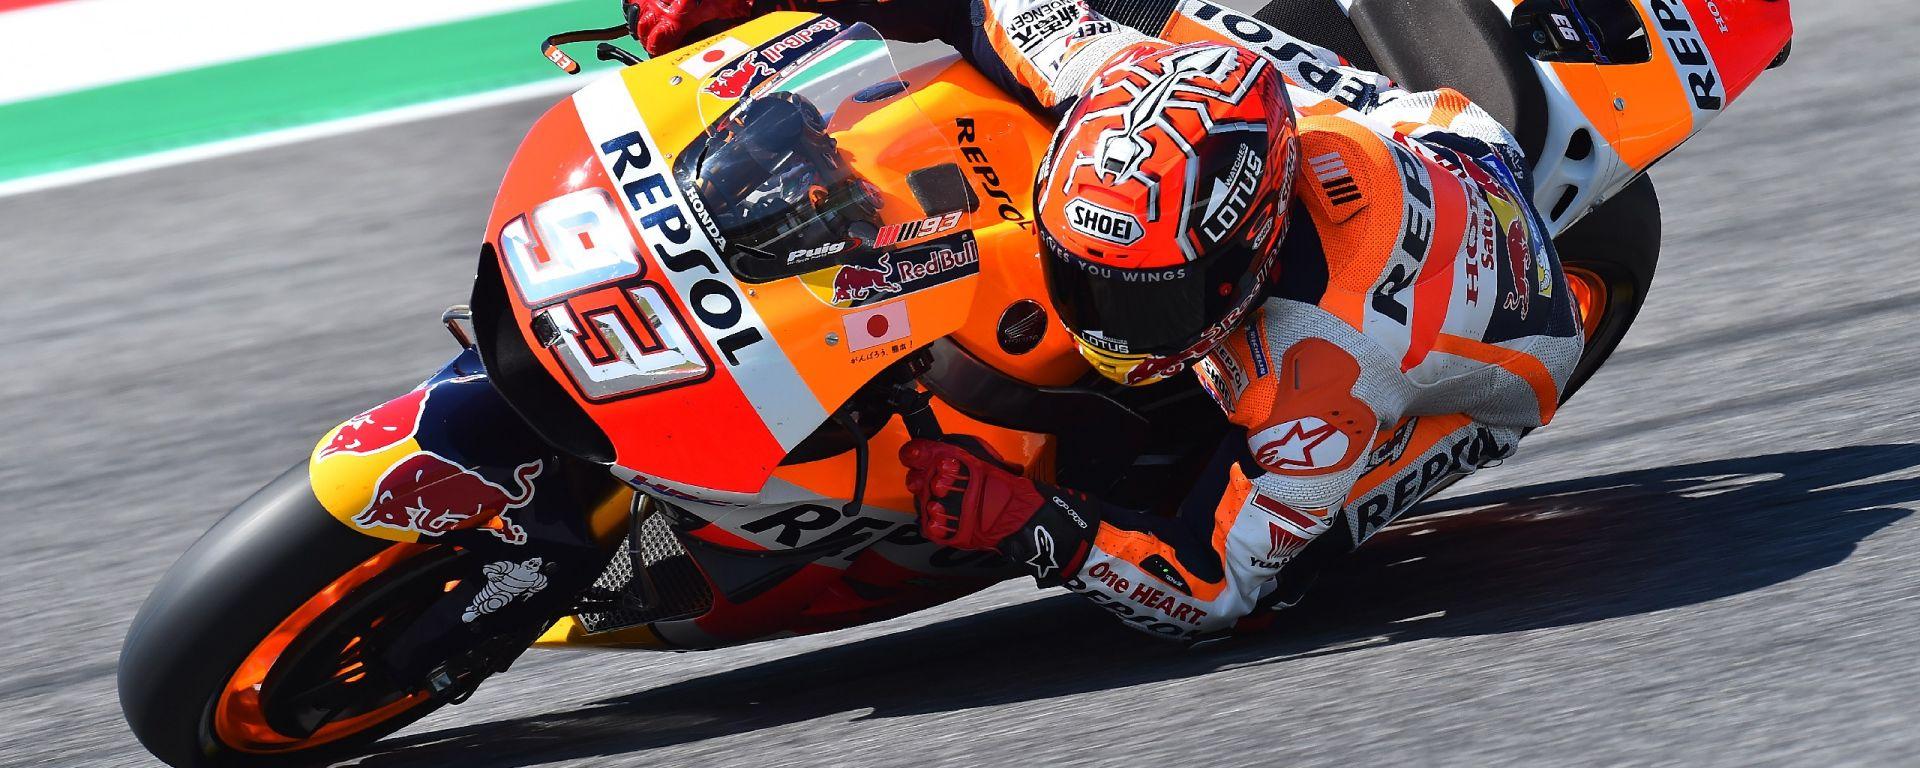 MotoGP Barcellona 2016: Marc Marquez in pole, Lorenzo secondo e Pedrosa terzo